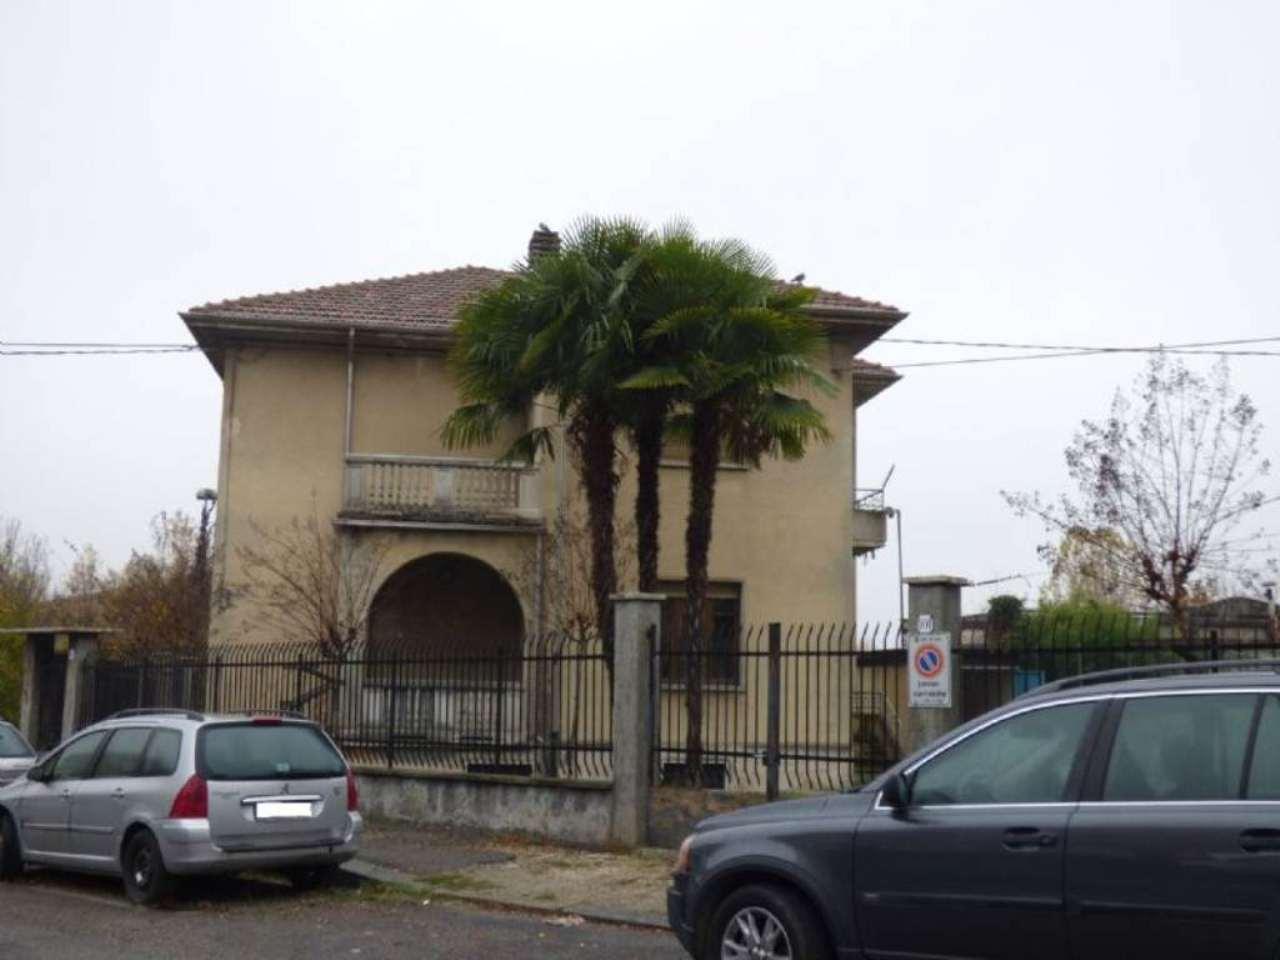 Soluzione Indipendente in vendita a Torino, 8 locali, zona Zona: 14 . Vallette, Lucento, Stadio delle Alpi, prezzo € 360.000 | Cambio Casa.it